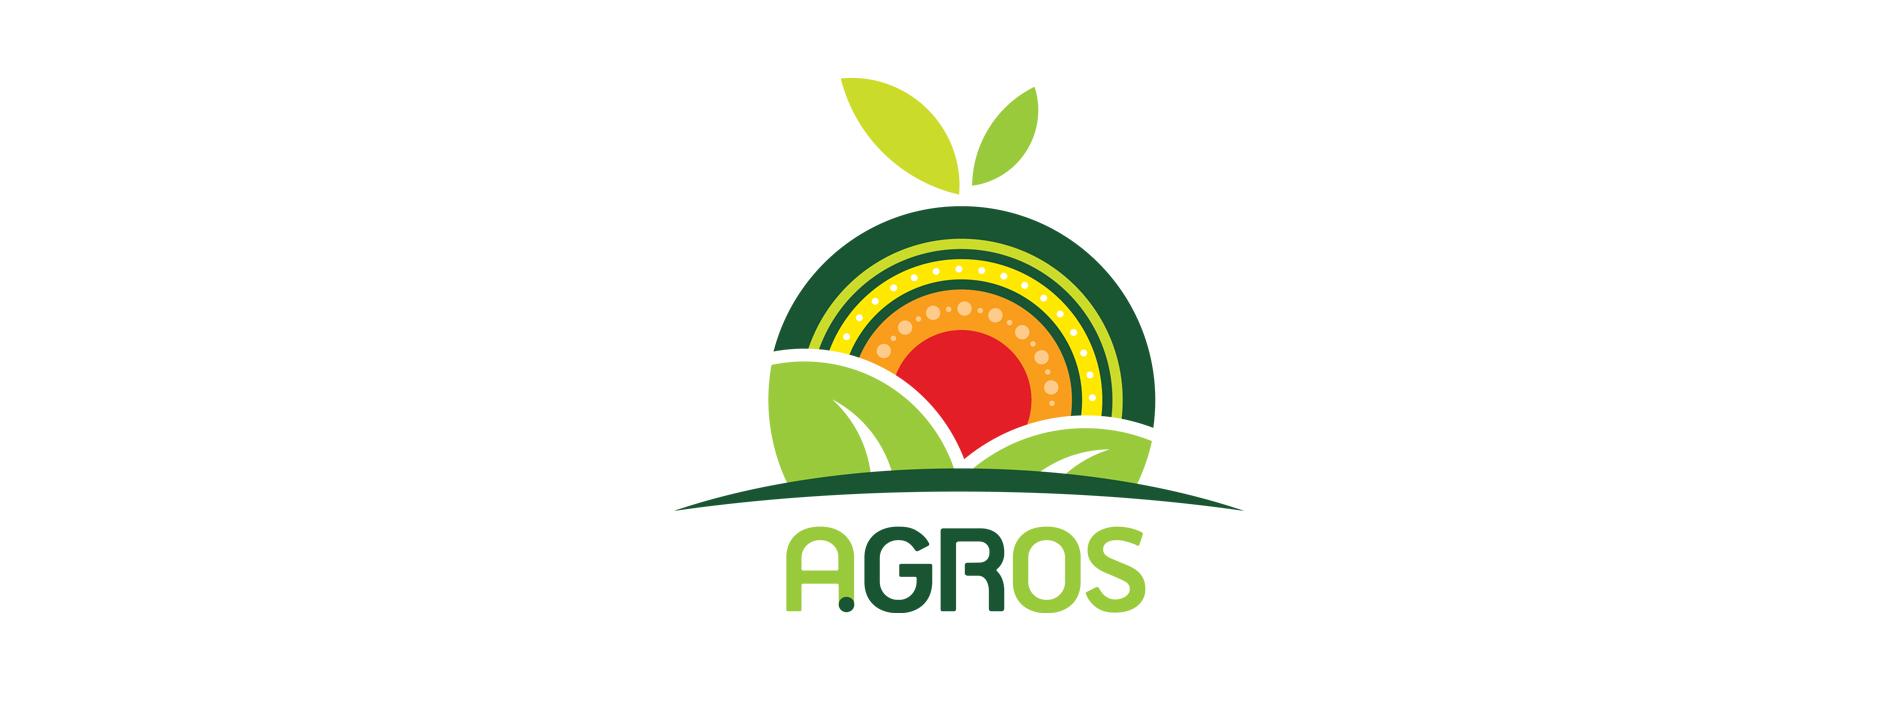 agros_logo1900X600